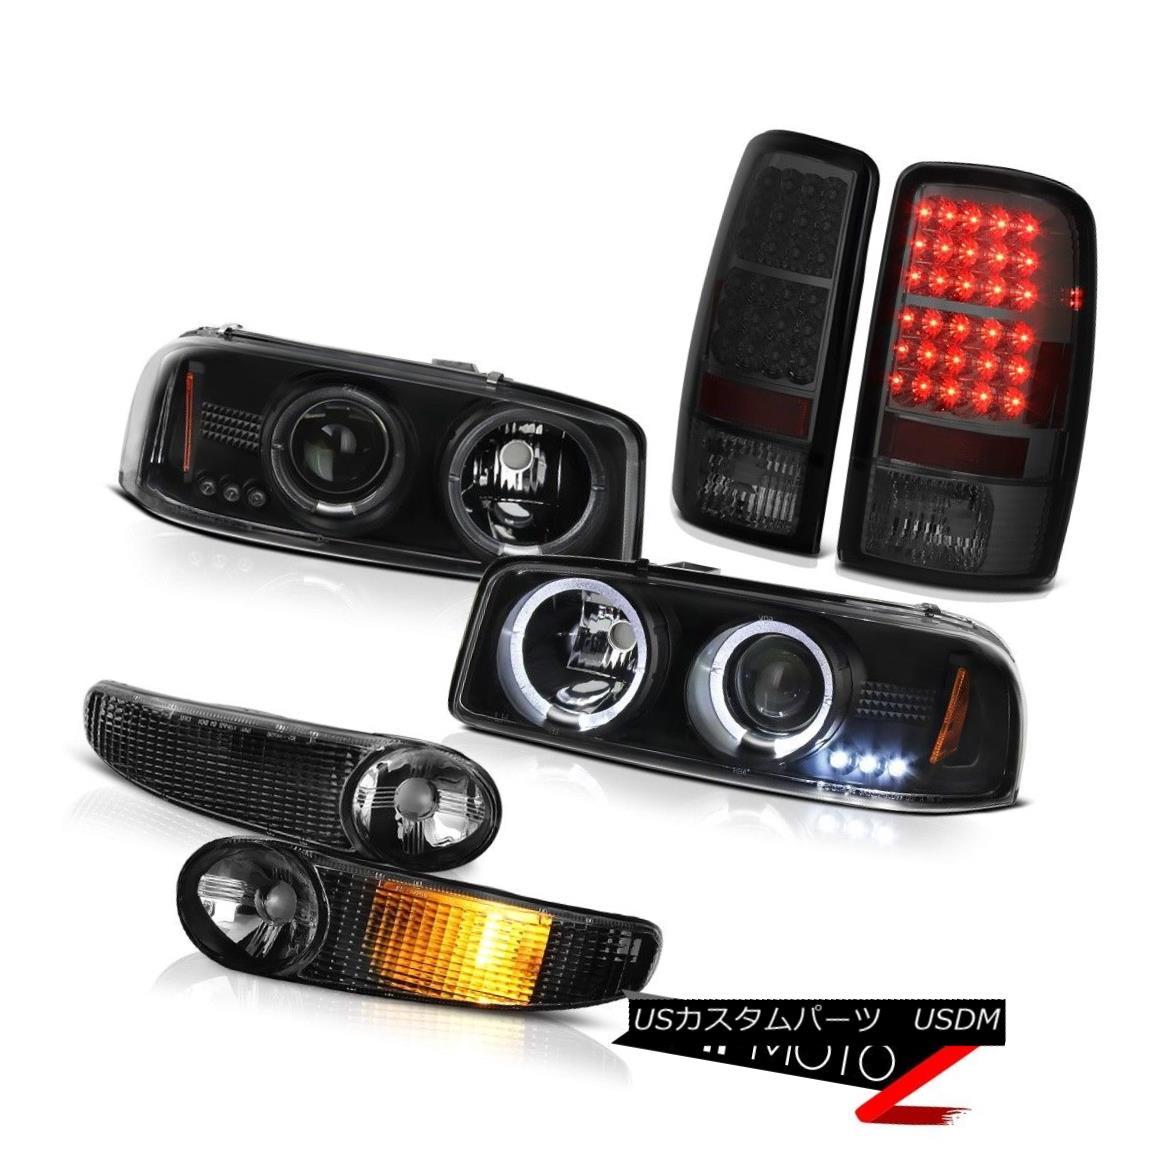 ヘッドライト 00 01 02 03 04 05 06 Yukon XL Projector Headlights Bumper Tail Lights LED Tinted 00 01 02 03 04 05 06ユーコンXLプロジェクターヘッドライトバンパーテールライトLED Tinted